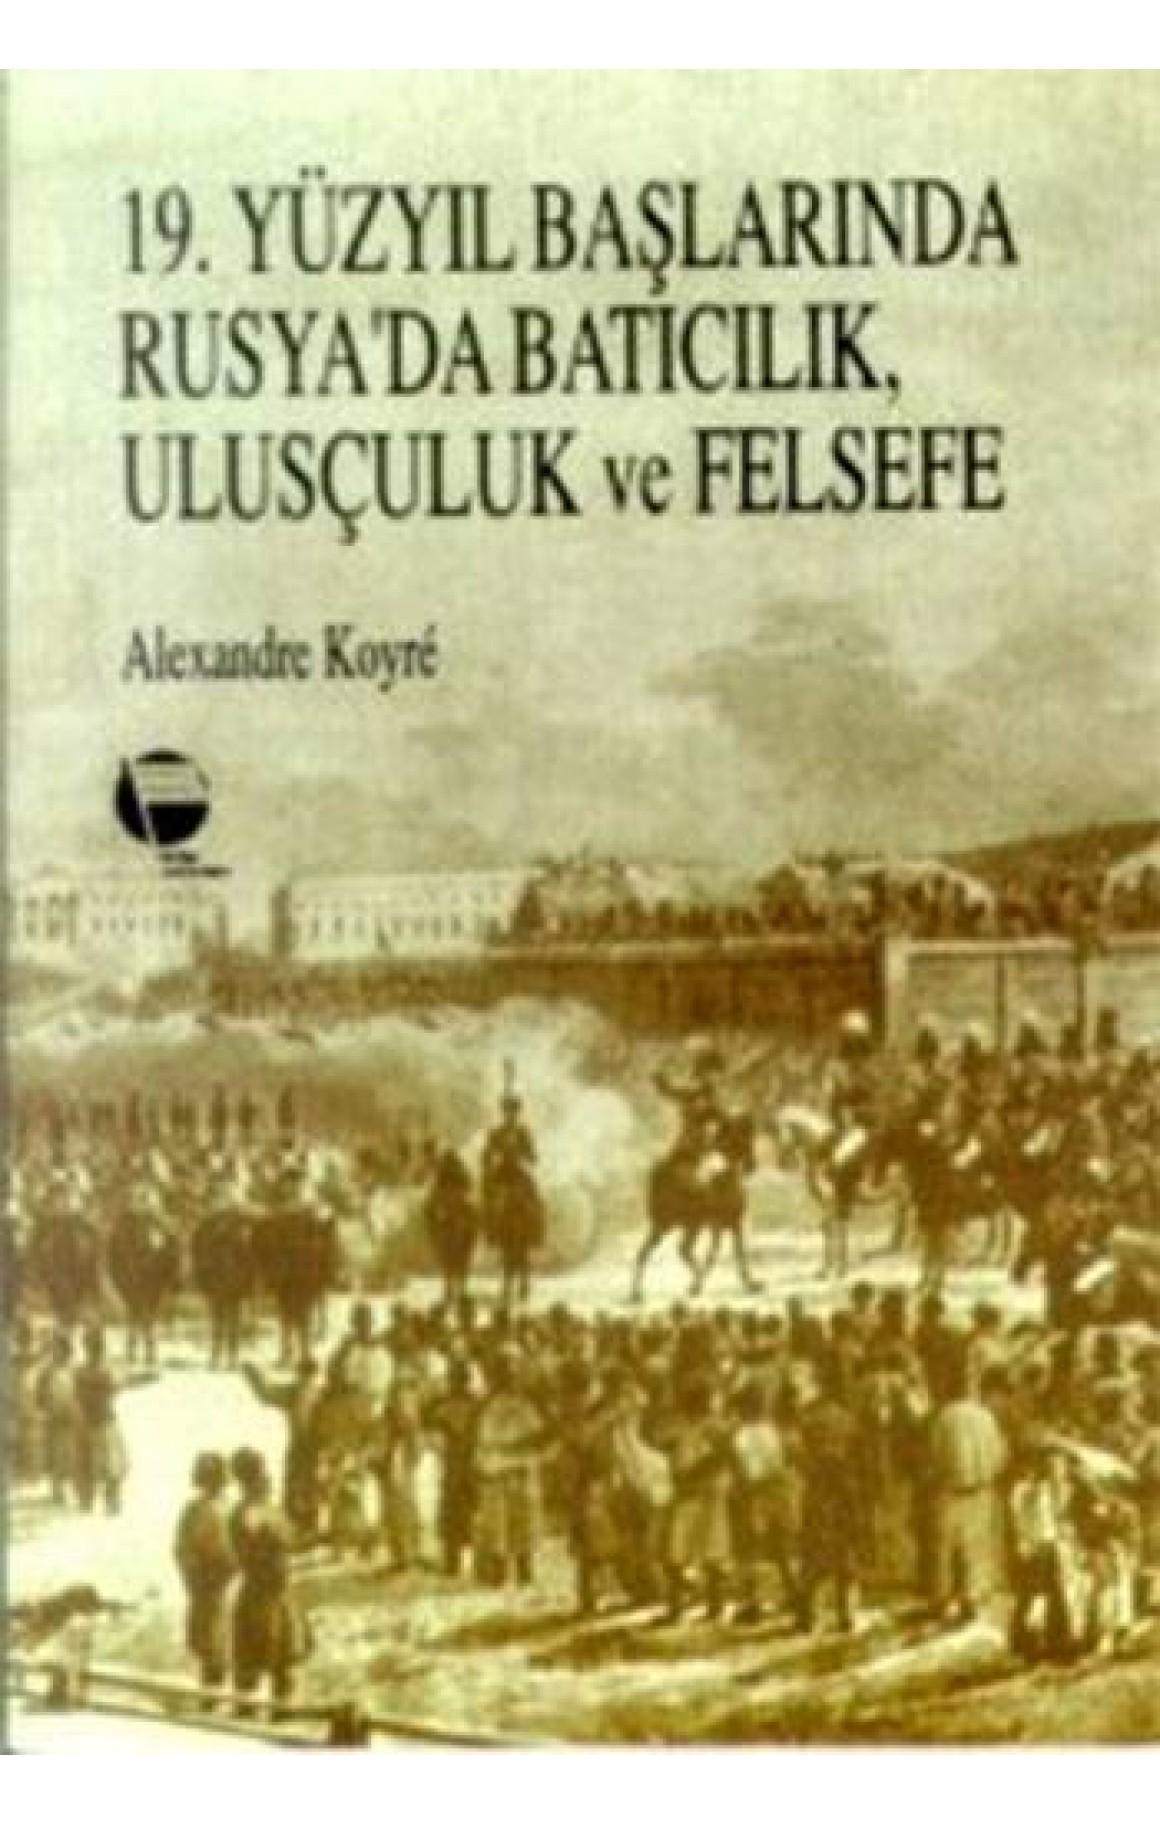 19. Yüzyıl Başlarında Rusyada Batıcılık, Ulusçuluk ve Felsefe